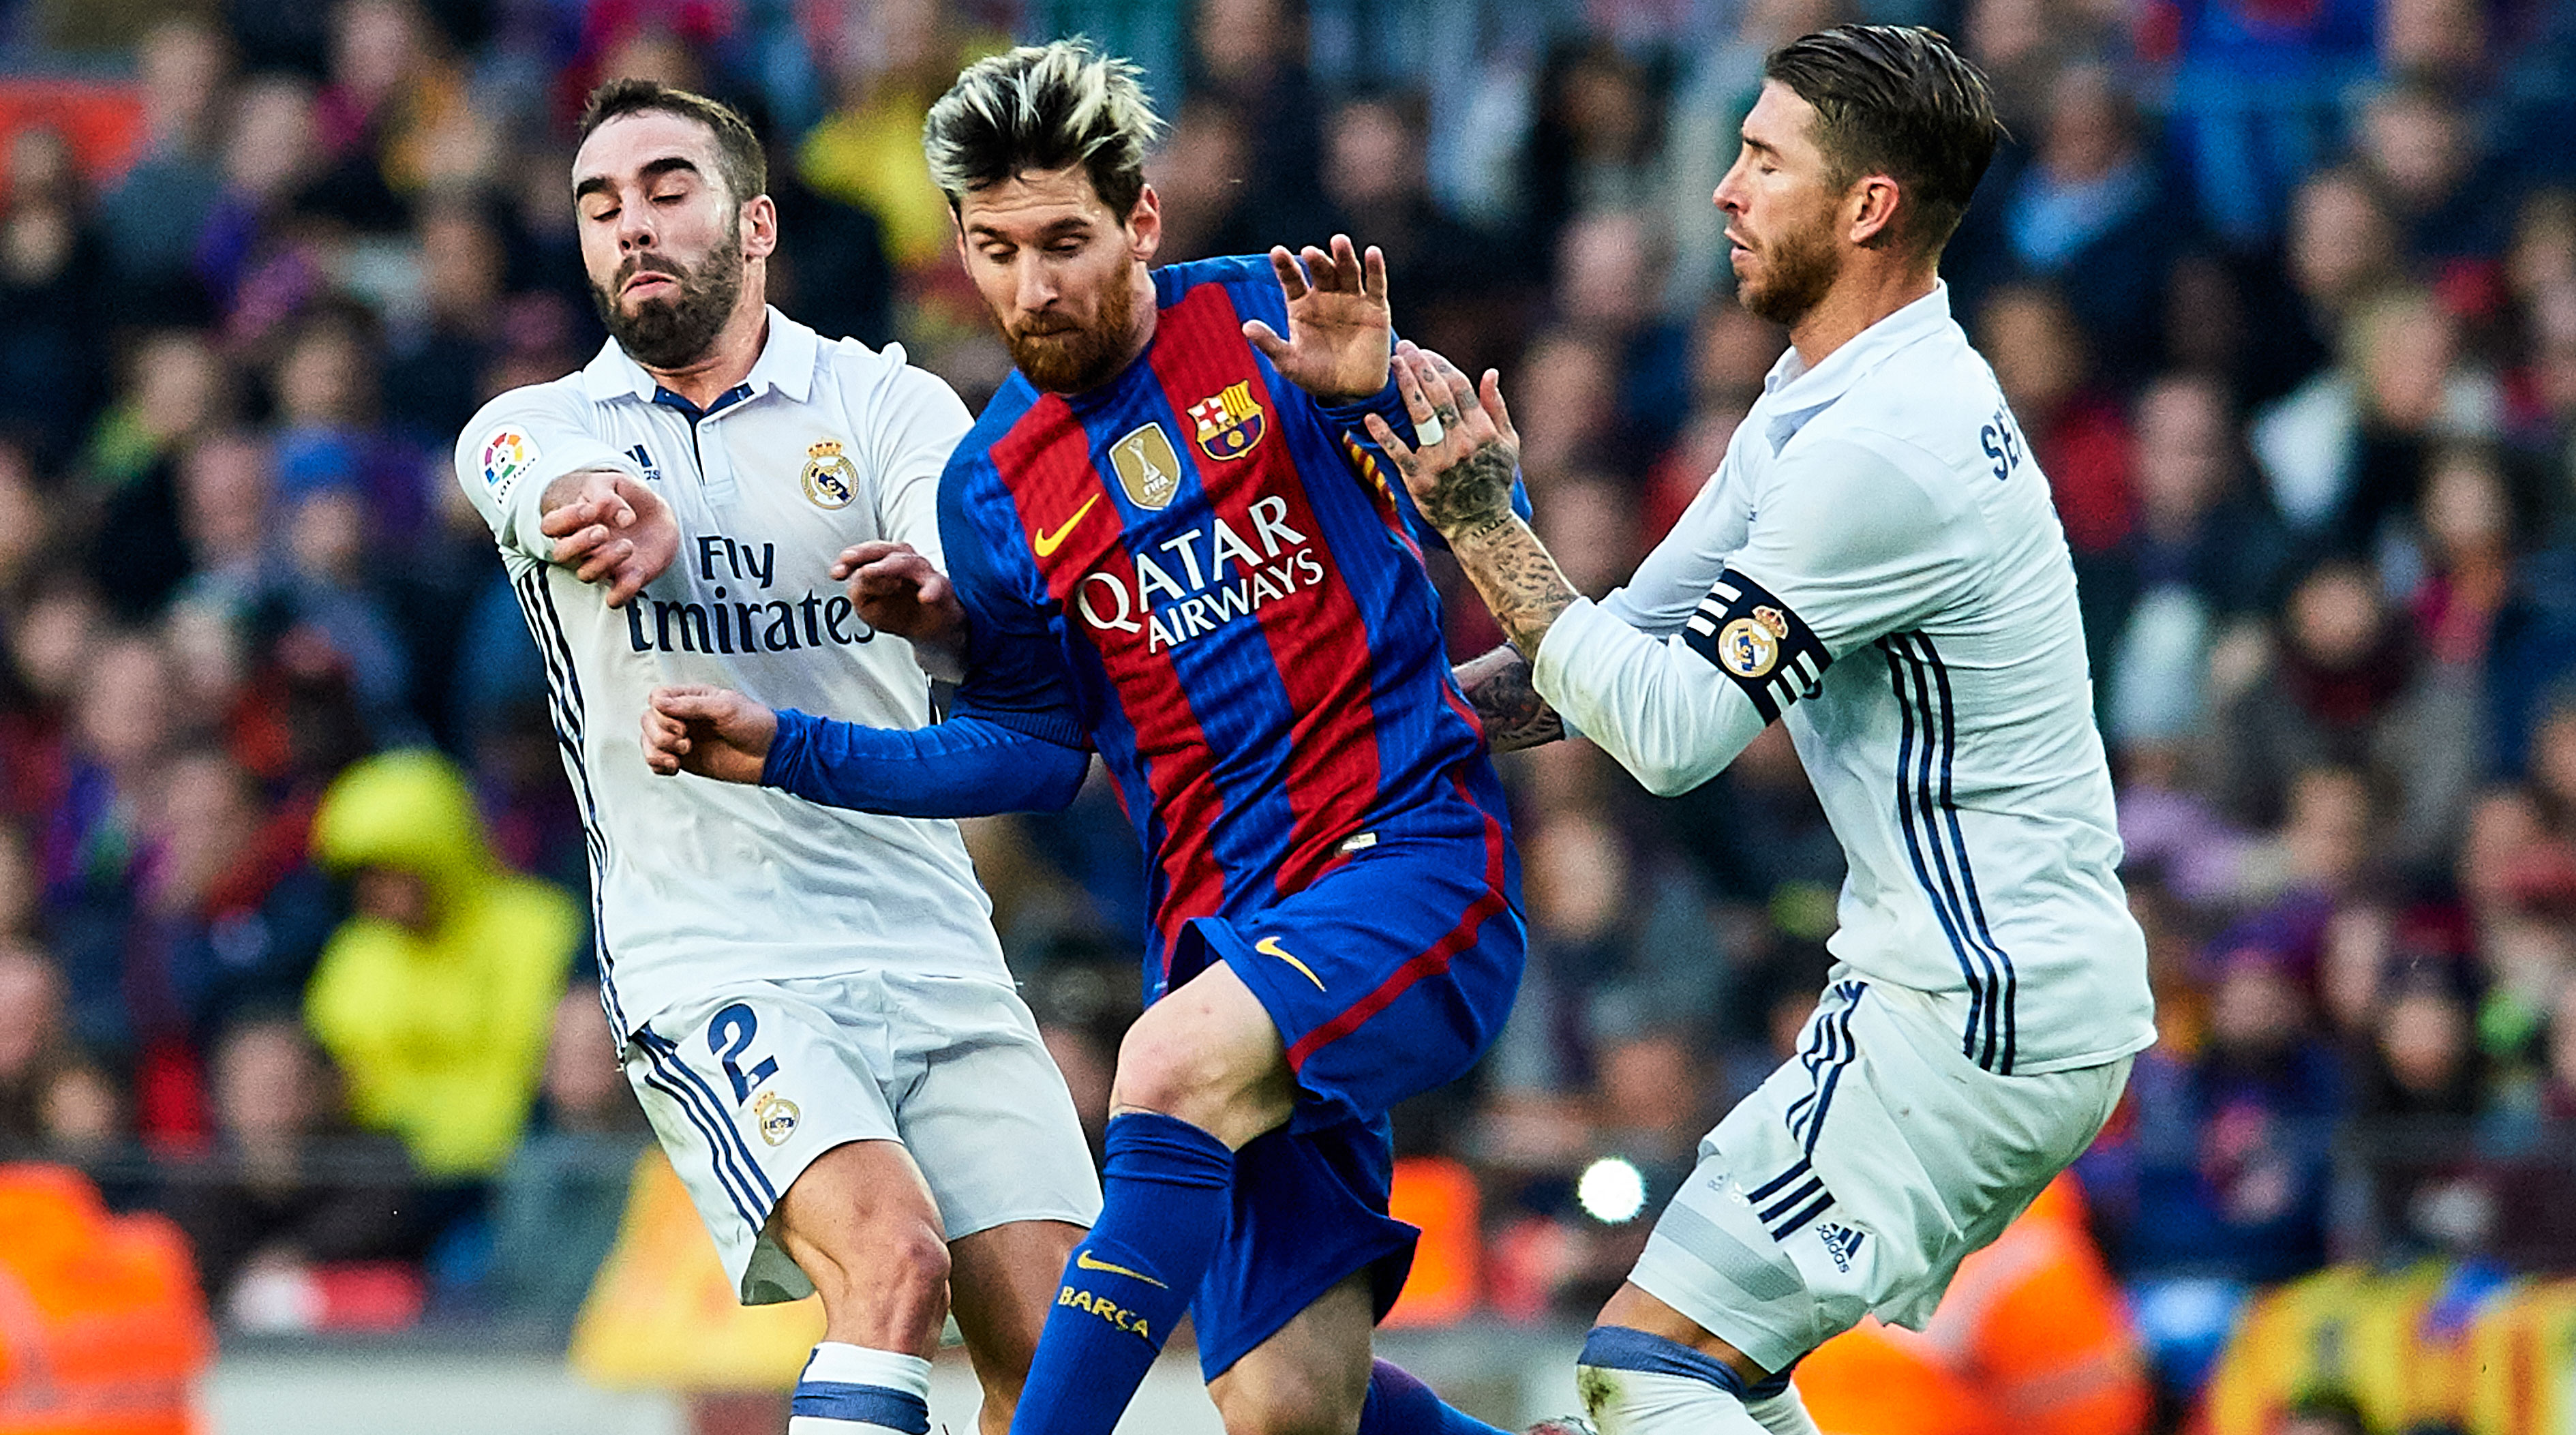 quien gano el clasico barcelona vs real madrid